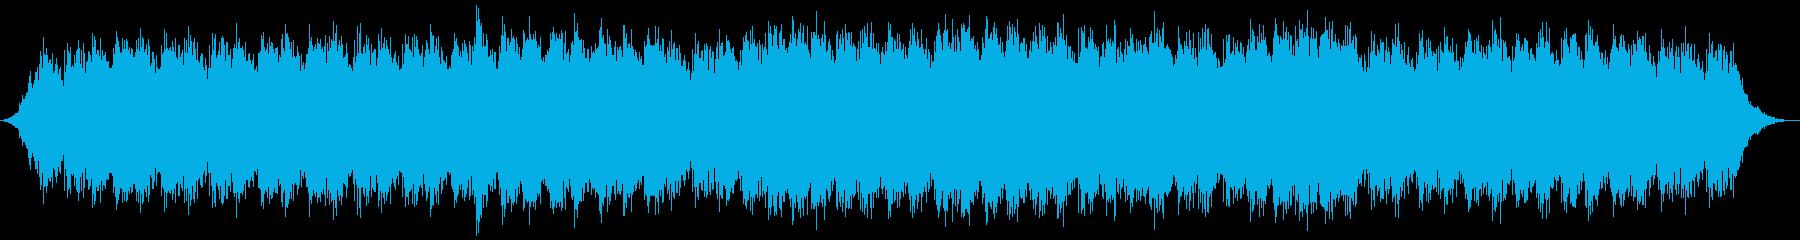 追跡シーン向けミニマルテクノの再生済みの波形